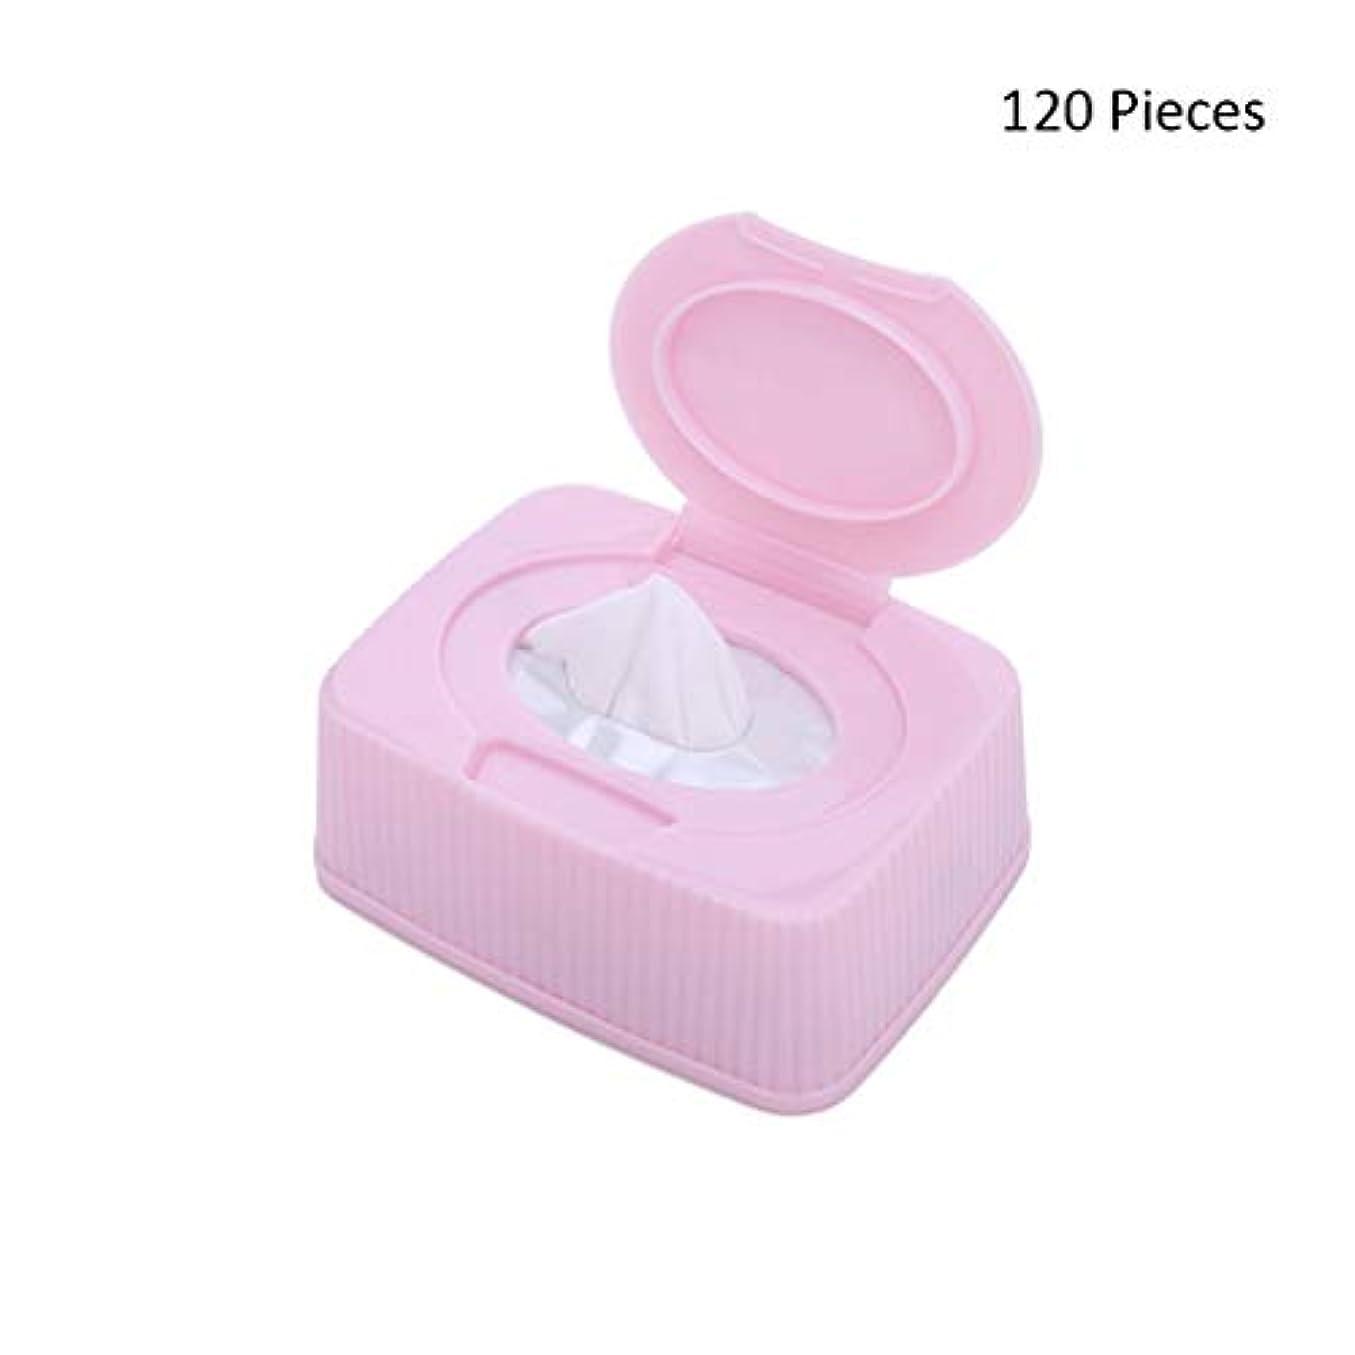 扇動キモい郡120ピース/ボックスフェイスメイク落としフェイシャル化粧品リムーバーパッドメイクアップコットンクリーナースキンケアワイプフェイスウォッシュコットンパッド (Color : Pink, サイズ : 120 pieces)